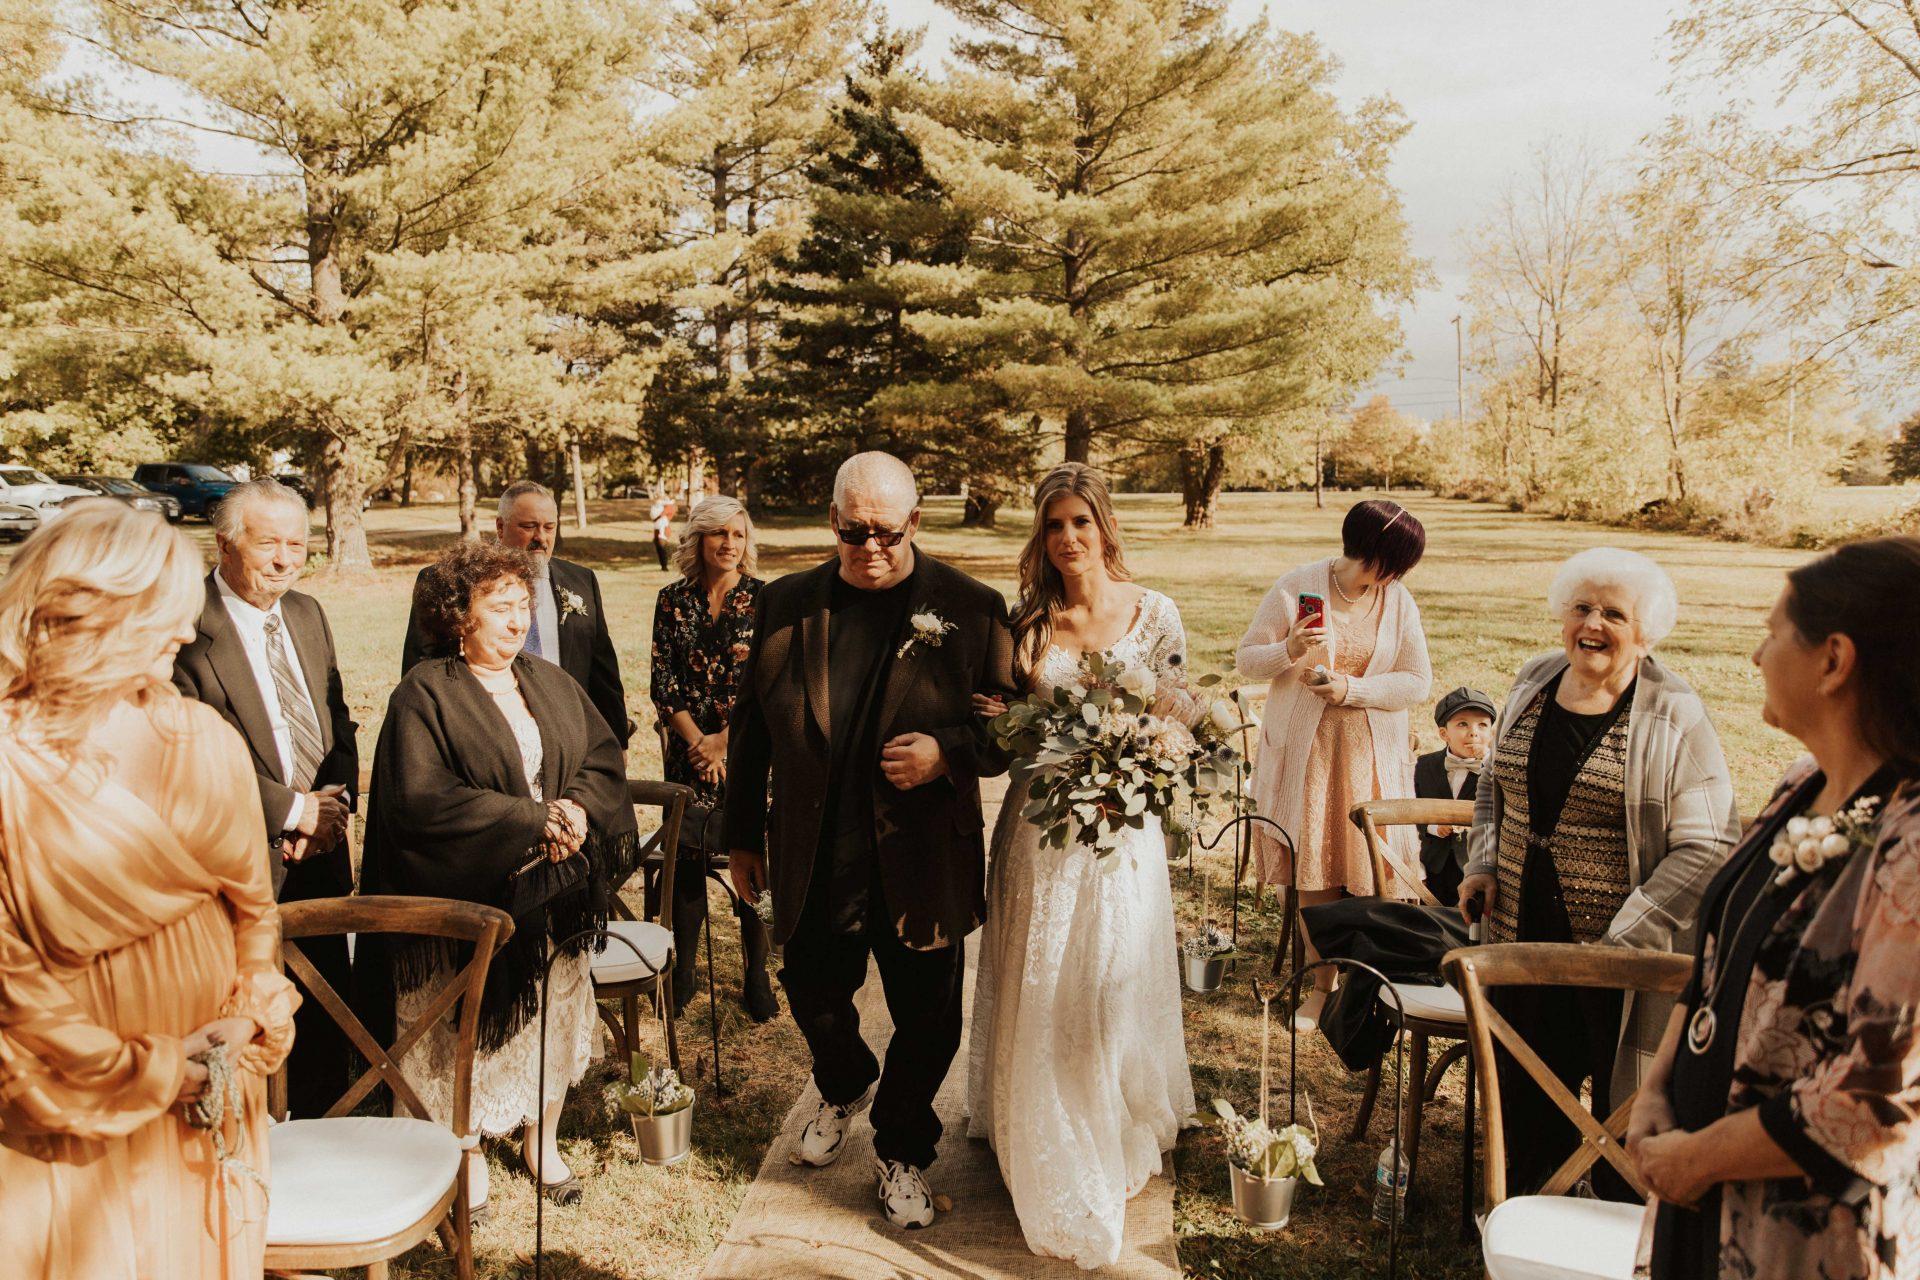 backyard wedding photos Ontario